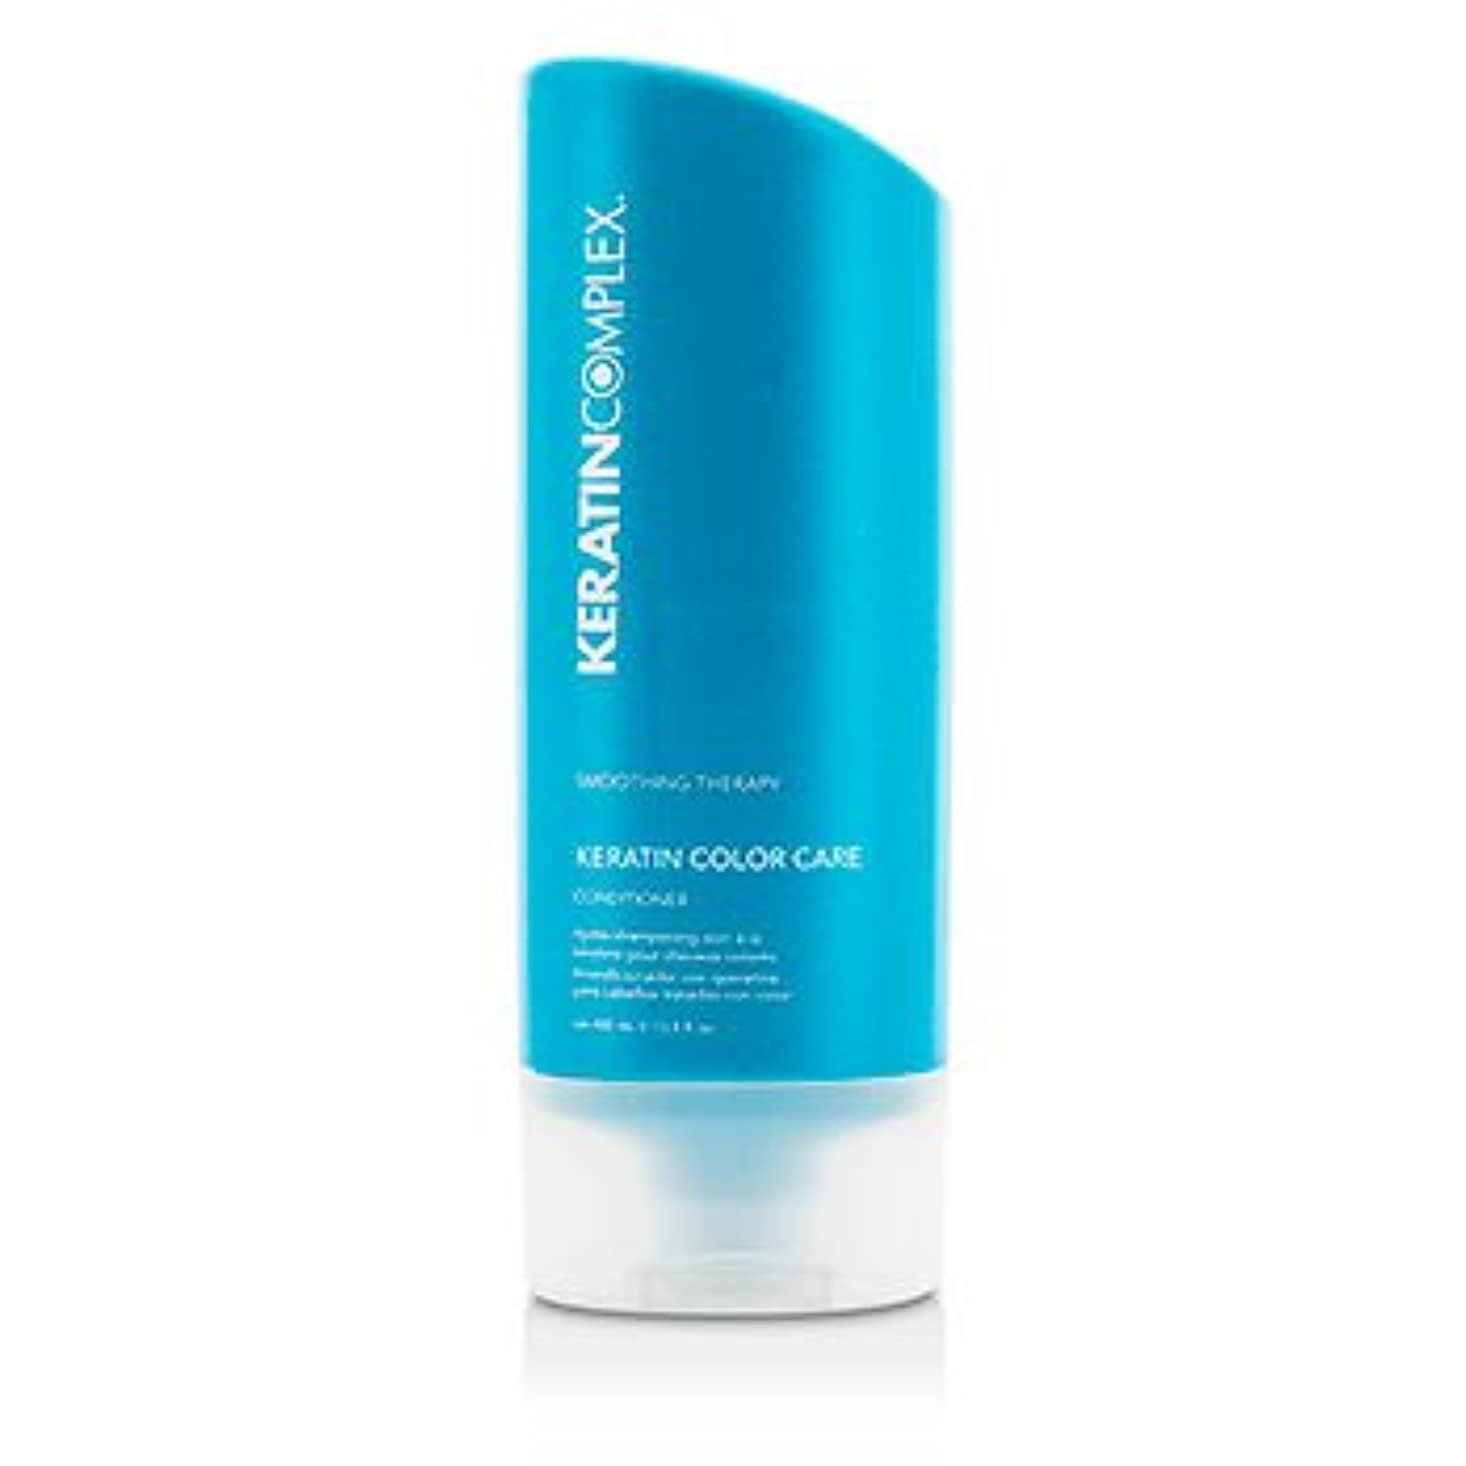 符号テント病的[Keratin Complex] Smoothing Therapy Keratin Color Care Conditioner (For All Hair Types) 400ml/13.5oz